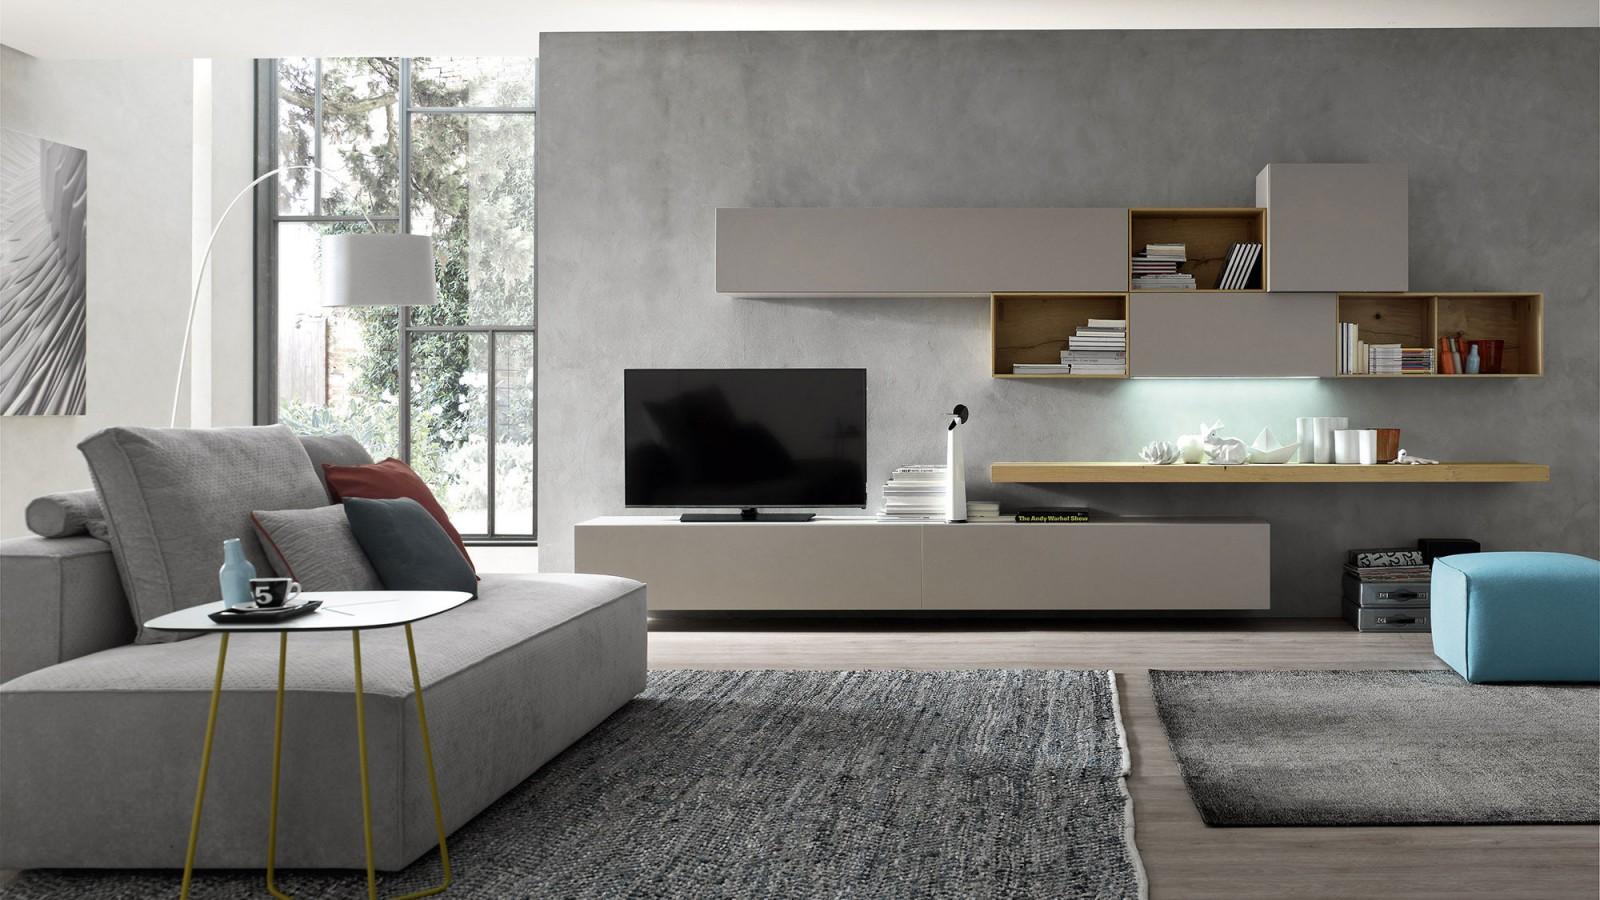 orme-arredamento-soggiorno-comp1-2-modulo-1600x900